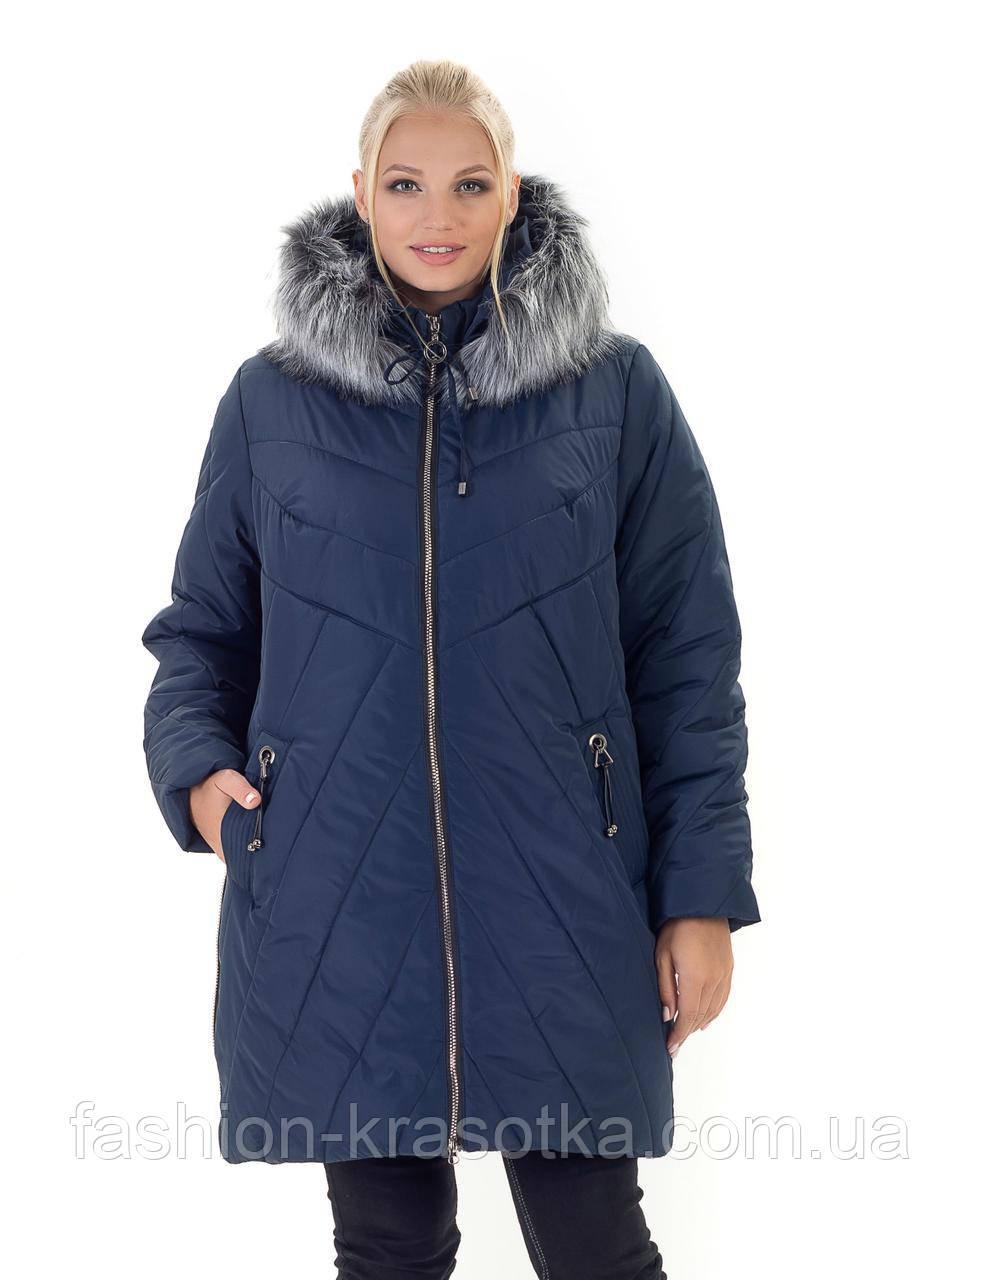 Женская зимняя куртка с искусственным мехом,размеры:56-70.